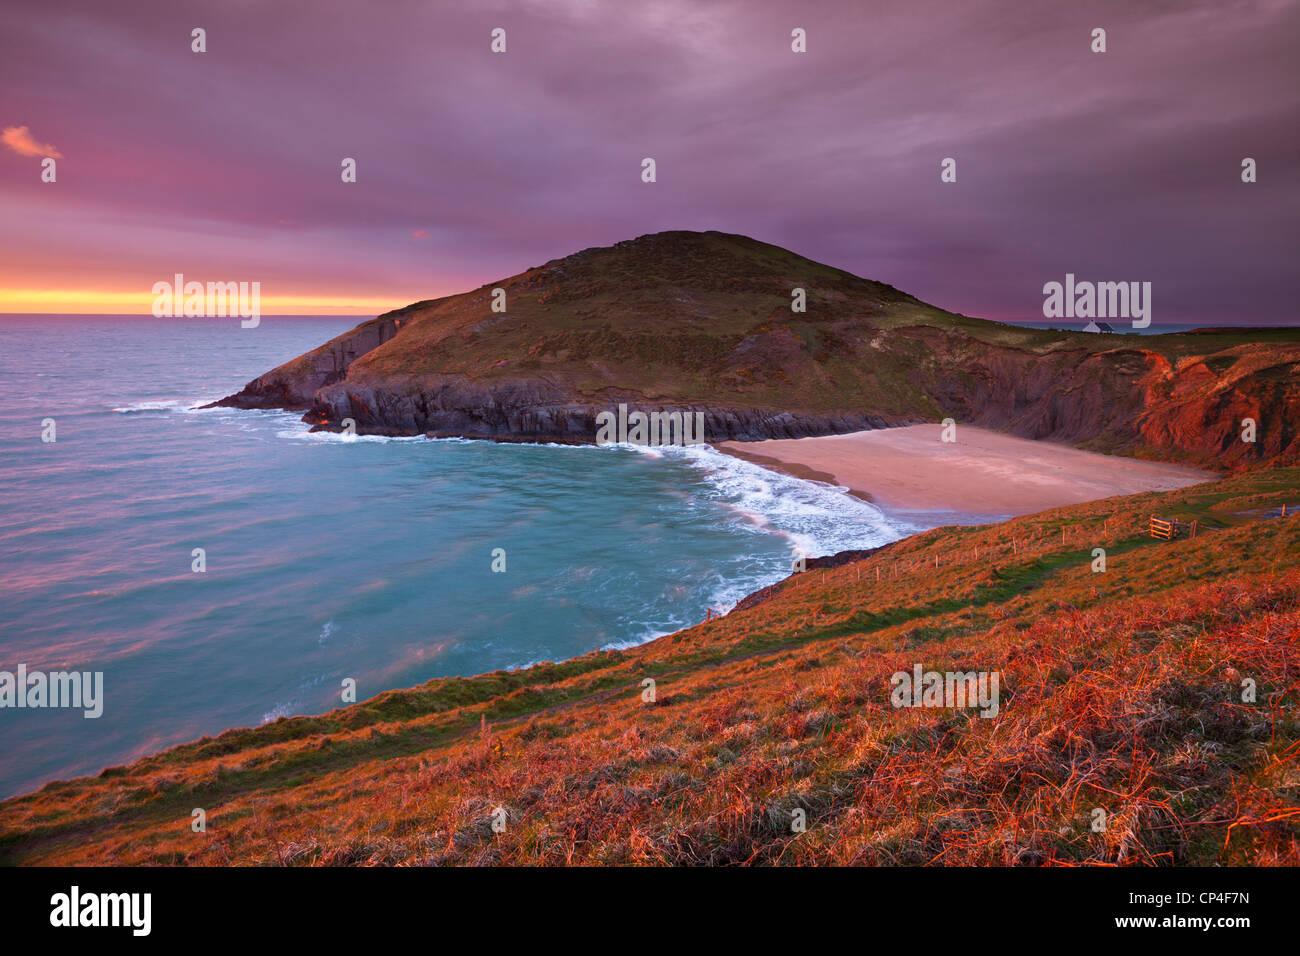 Sonnenuntergang Mwnt Strand und Landzunge Cardigan Bay Ceredigion Küste Cardiganshire Wales Großbritannien Stockbild